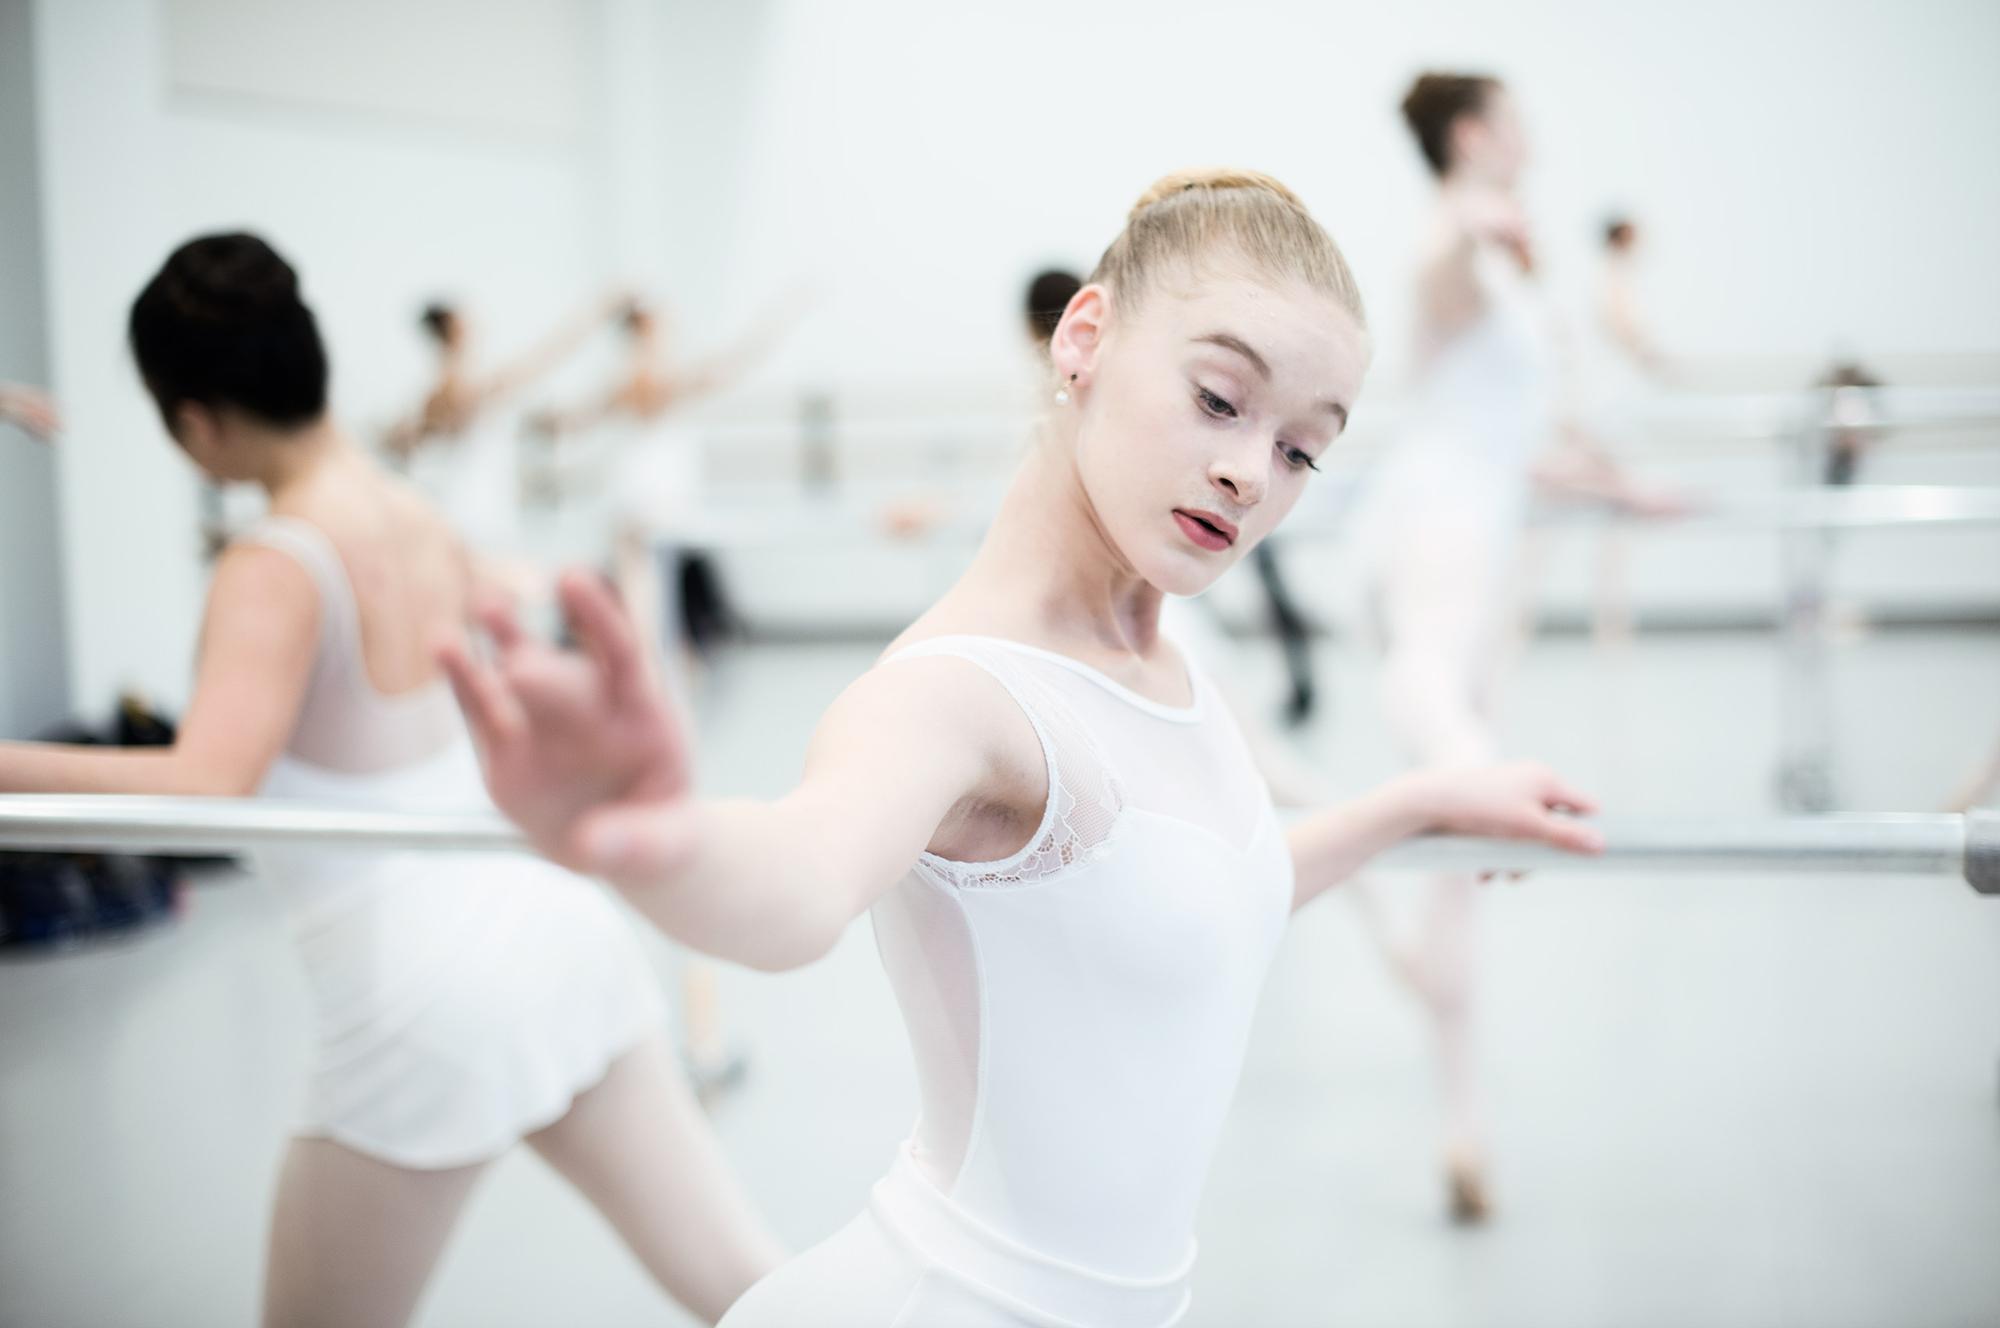 Ballerina-practicing-HenrikOlundPhotography.jpg